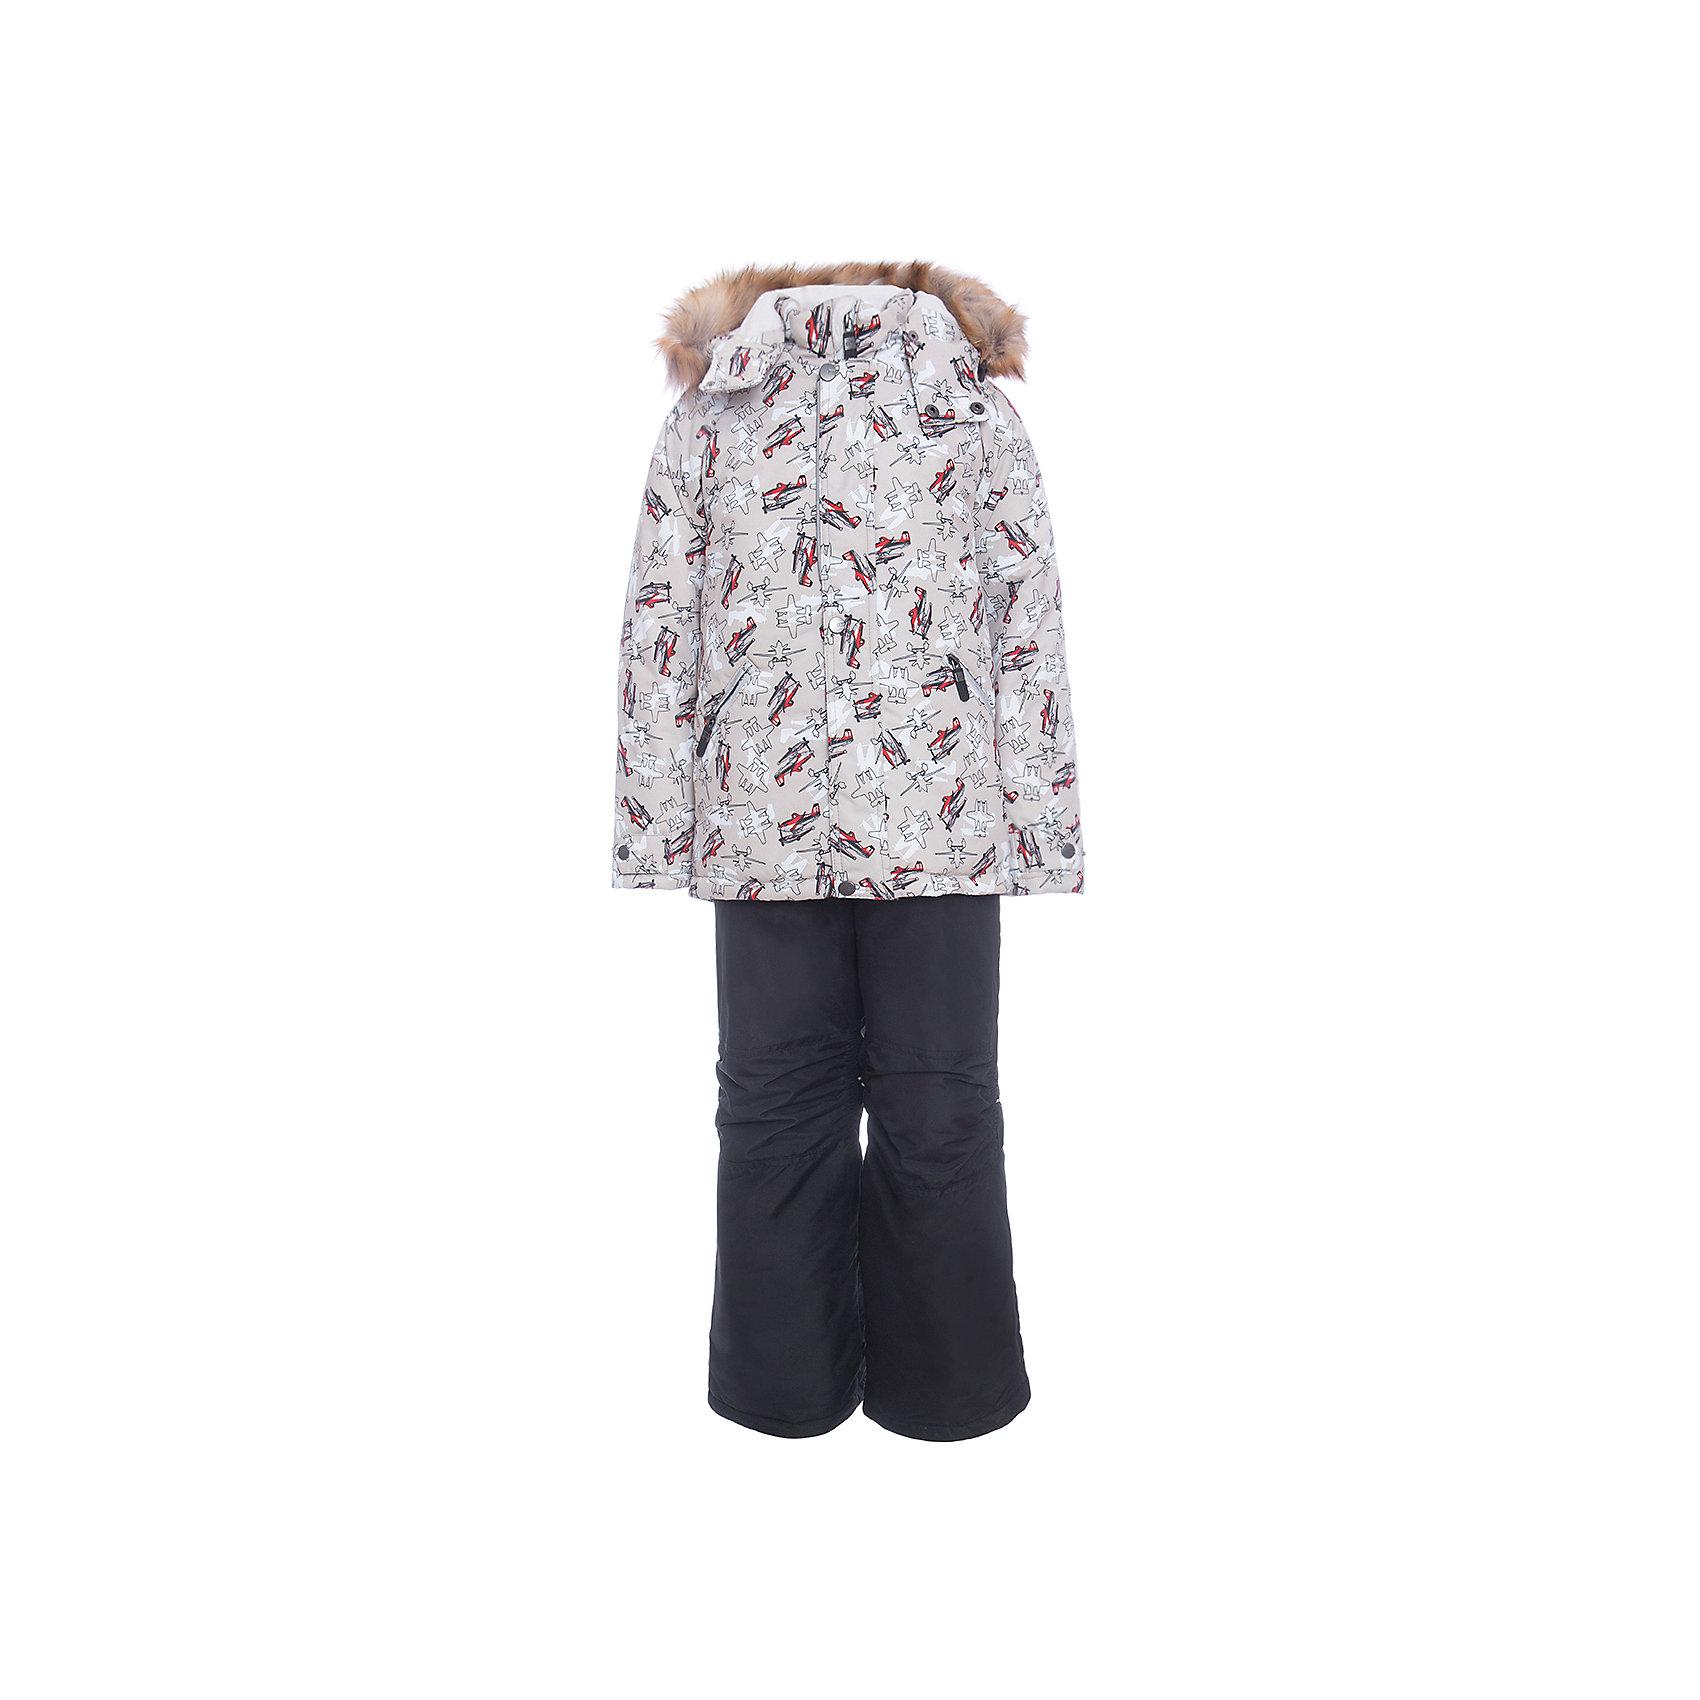 Комплект: куртка и полукомбенизон Дасти 2 Batik для мальчикаВерхняя одежда<br>Комплект: куртка и полукомбенизон Дасти 2 Batik для мальчика<br>Верхняя ткань обладает водоотталкивающими и ветрозащитными свойствами мембраны. Полукомбинезон с отстегивающимися лямками, имеются липучки для регулировки ширины низа брюк. Куртка на молнии с ветрозащитной планкой и юбкой внутри. Капюшон на кнопках со съемной опушкой. <br>Состав:<br>Ткань верха - TASLON OXFORD;  Утеплитель - Термофин 350;  Подкладка - Полар флис;<br><br>Ширина мм: 356<br>Глубина мм: 10<br>Высота мм: 245<br>Вес г: 519<br>Цвет: черный<br>Возраст от месяцев: 72<br>Возраст до месяцев: 84<br>Пол: Мужской<br>Возраст: Детский<br>Размер: 122,104,110,116<br>SKU: 7027966